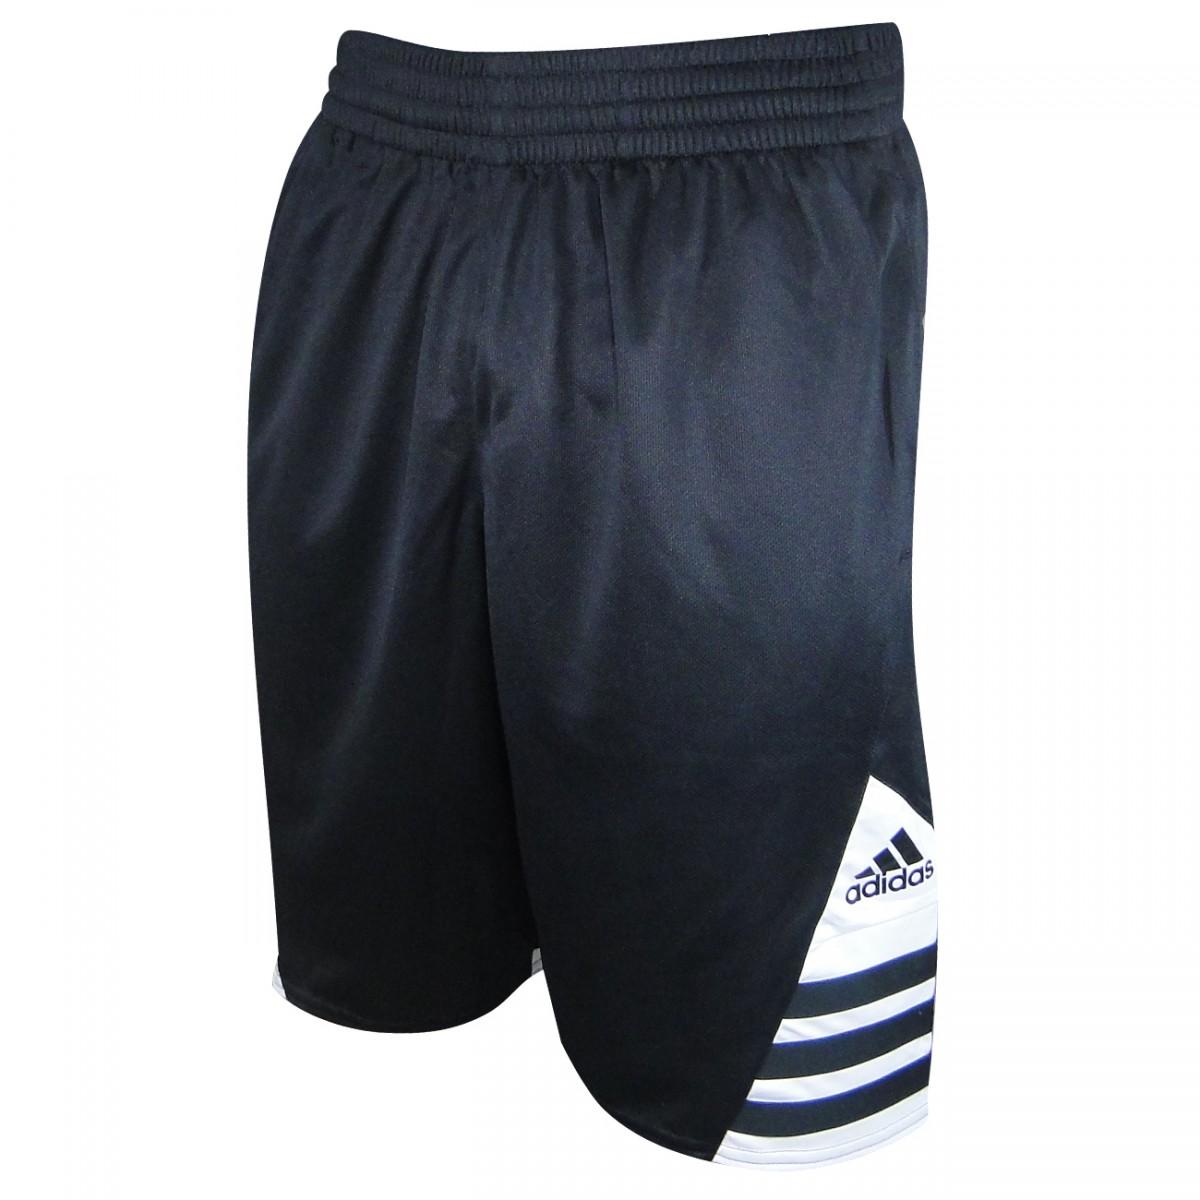 f6e846c07 Bermuda Adidas Superstar 2.0 Basquete F84472 - Preto/Branco - Chuteira  Nike, Adidas. Sandalias Femininas. Sandy Calçados